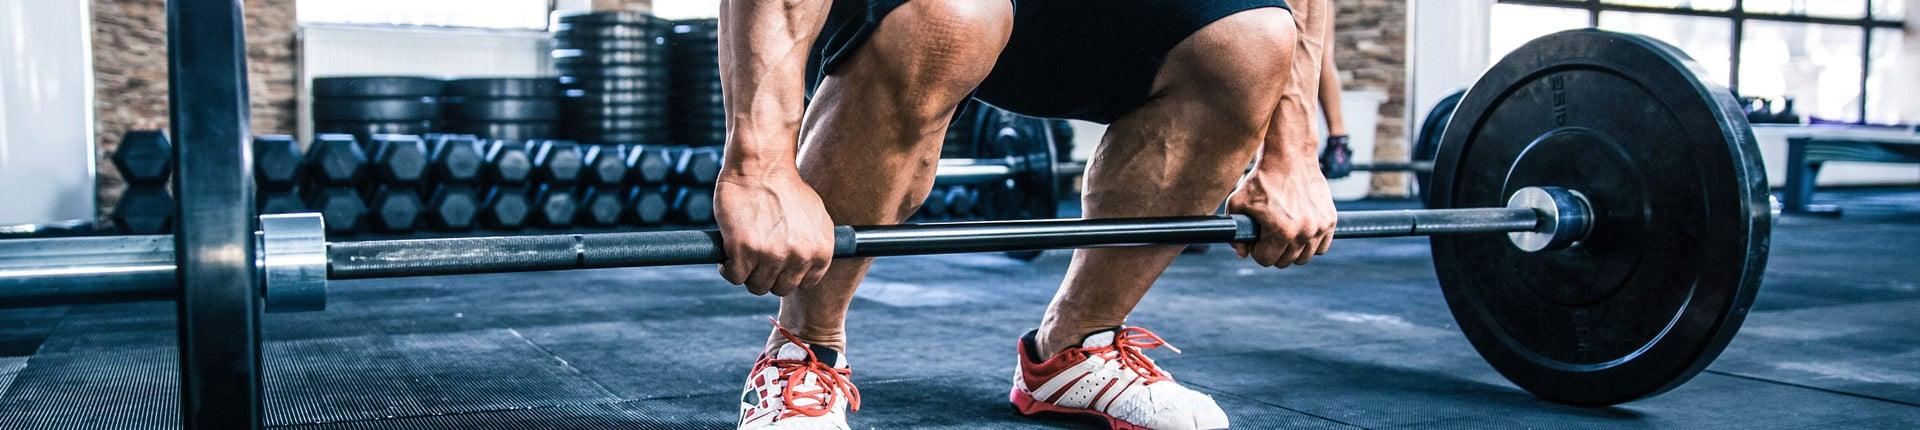 Najlepszy plan treningowy na siłownie?